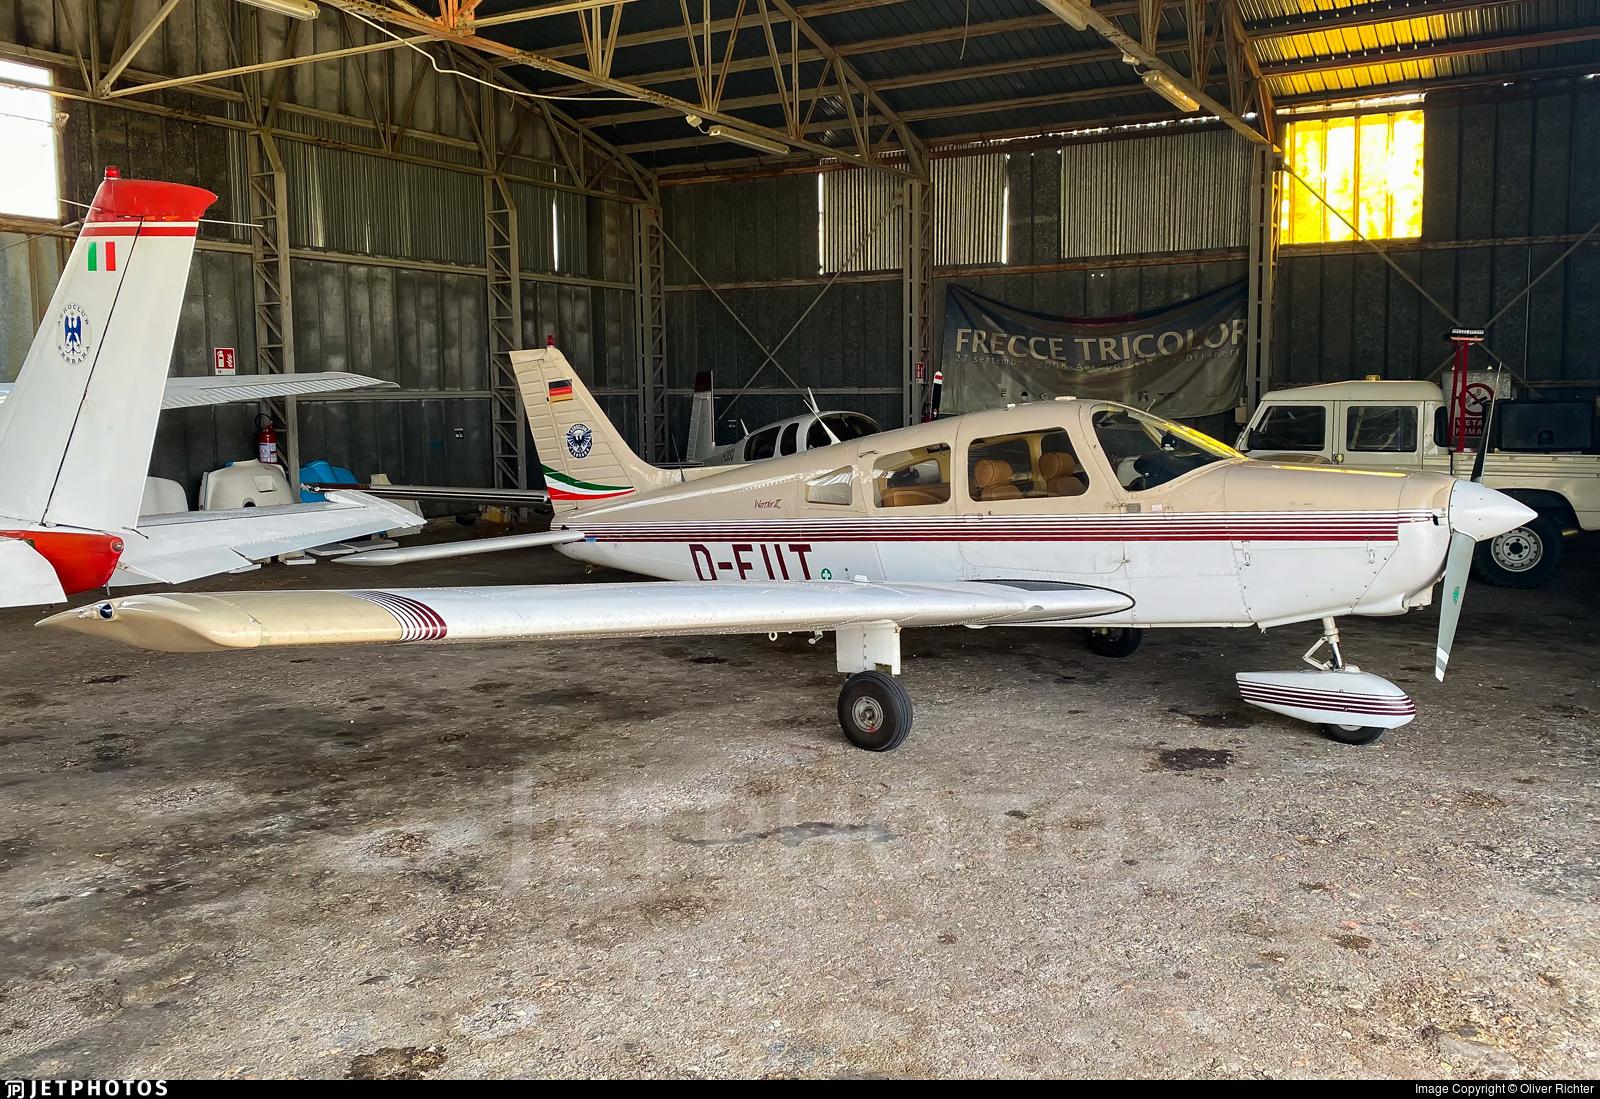 D-EIIT - Piper PA-28-161 Warrior II - Aeroclub R.Fabbri Ferrara